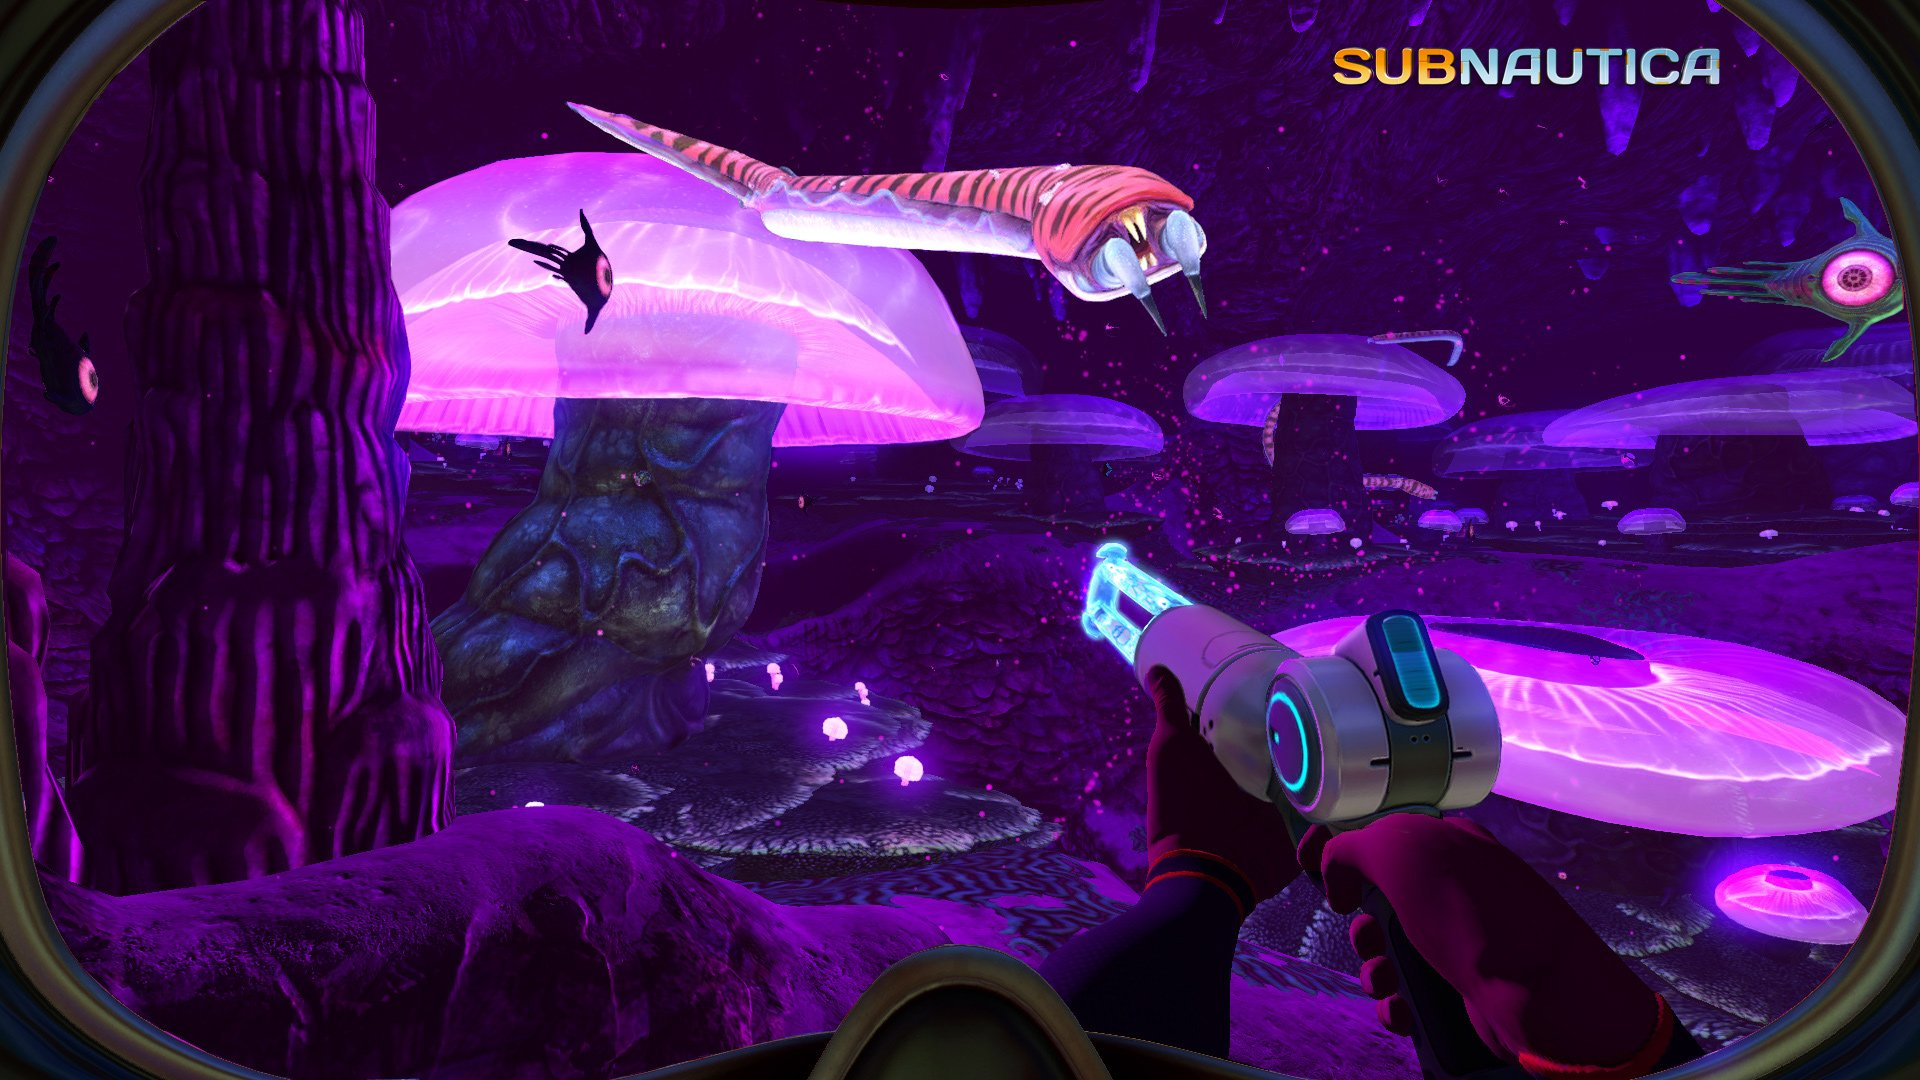 Subnautica review